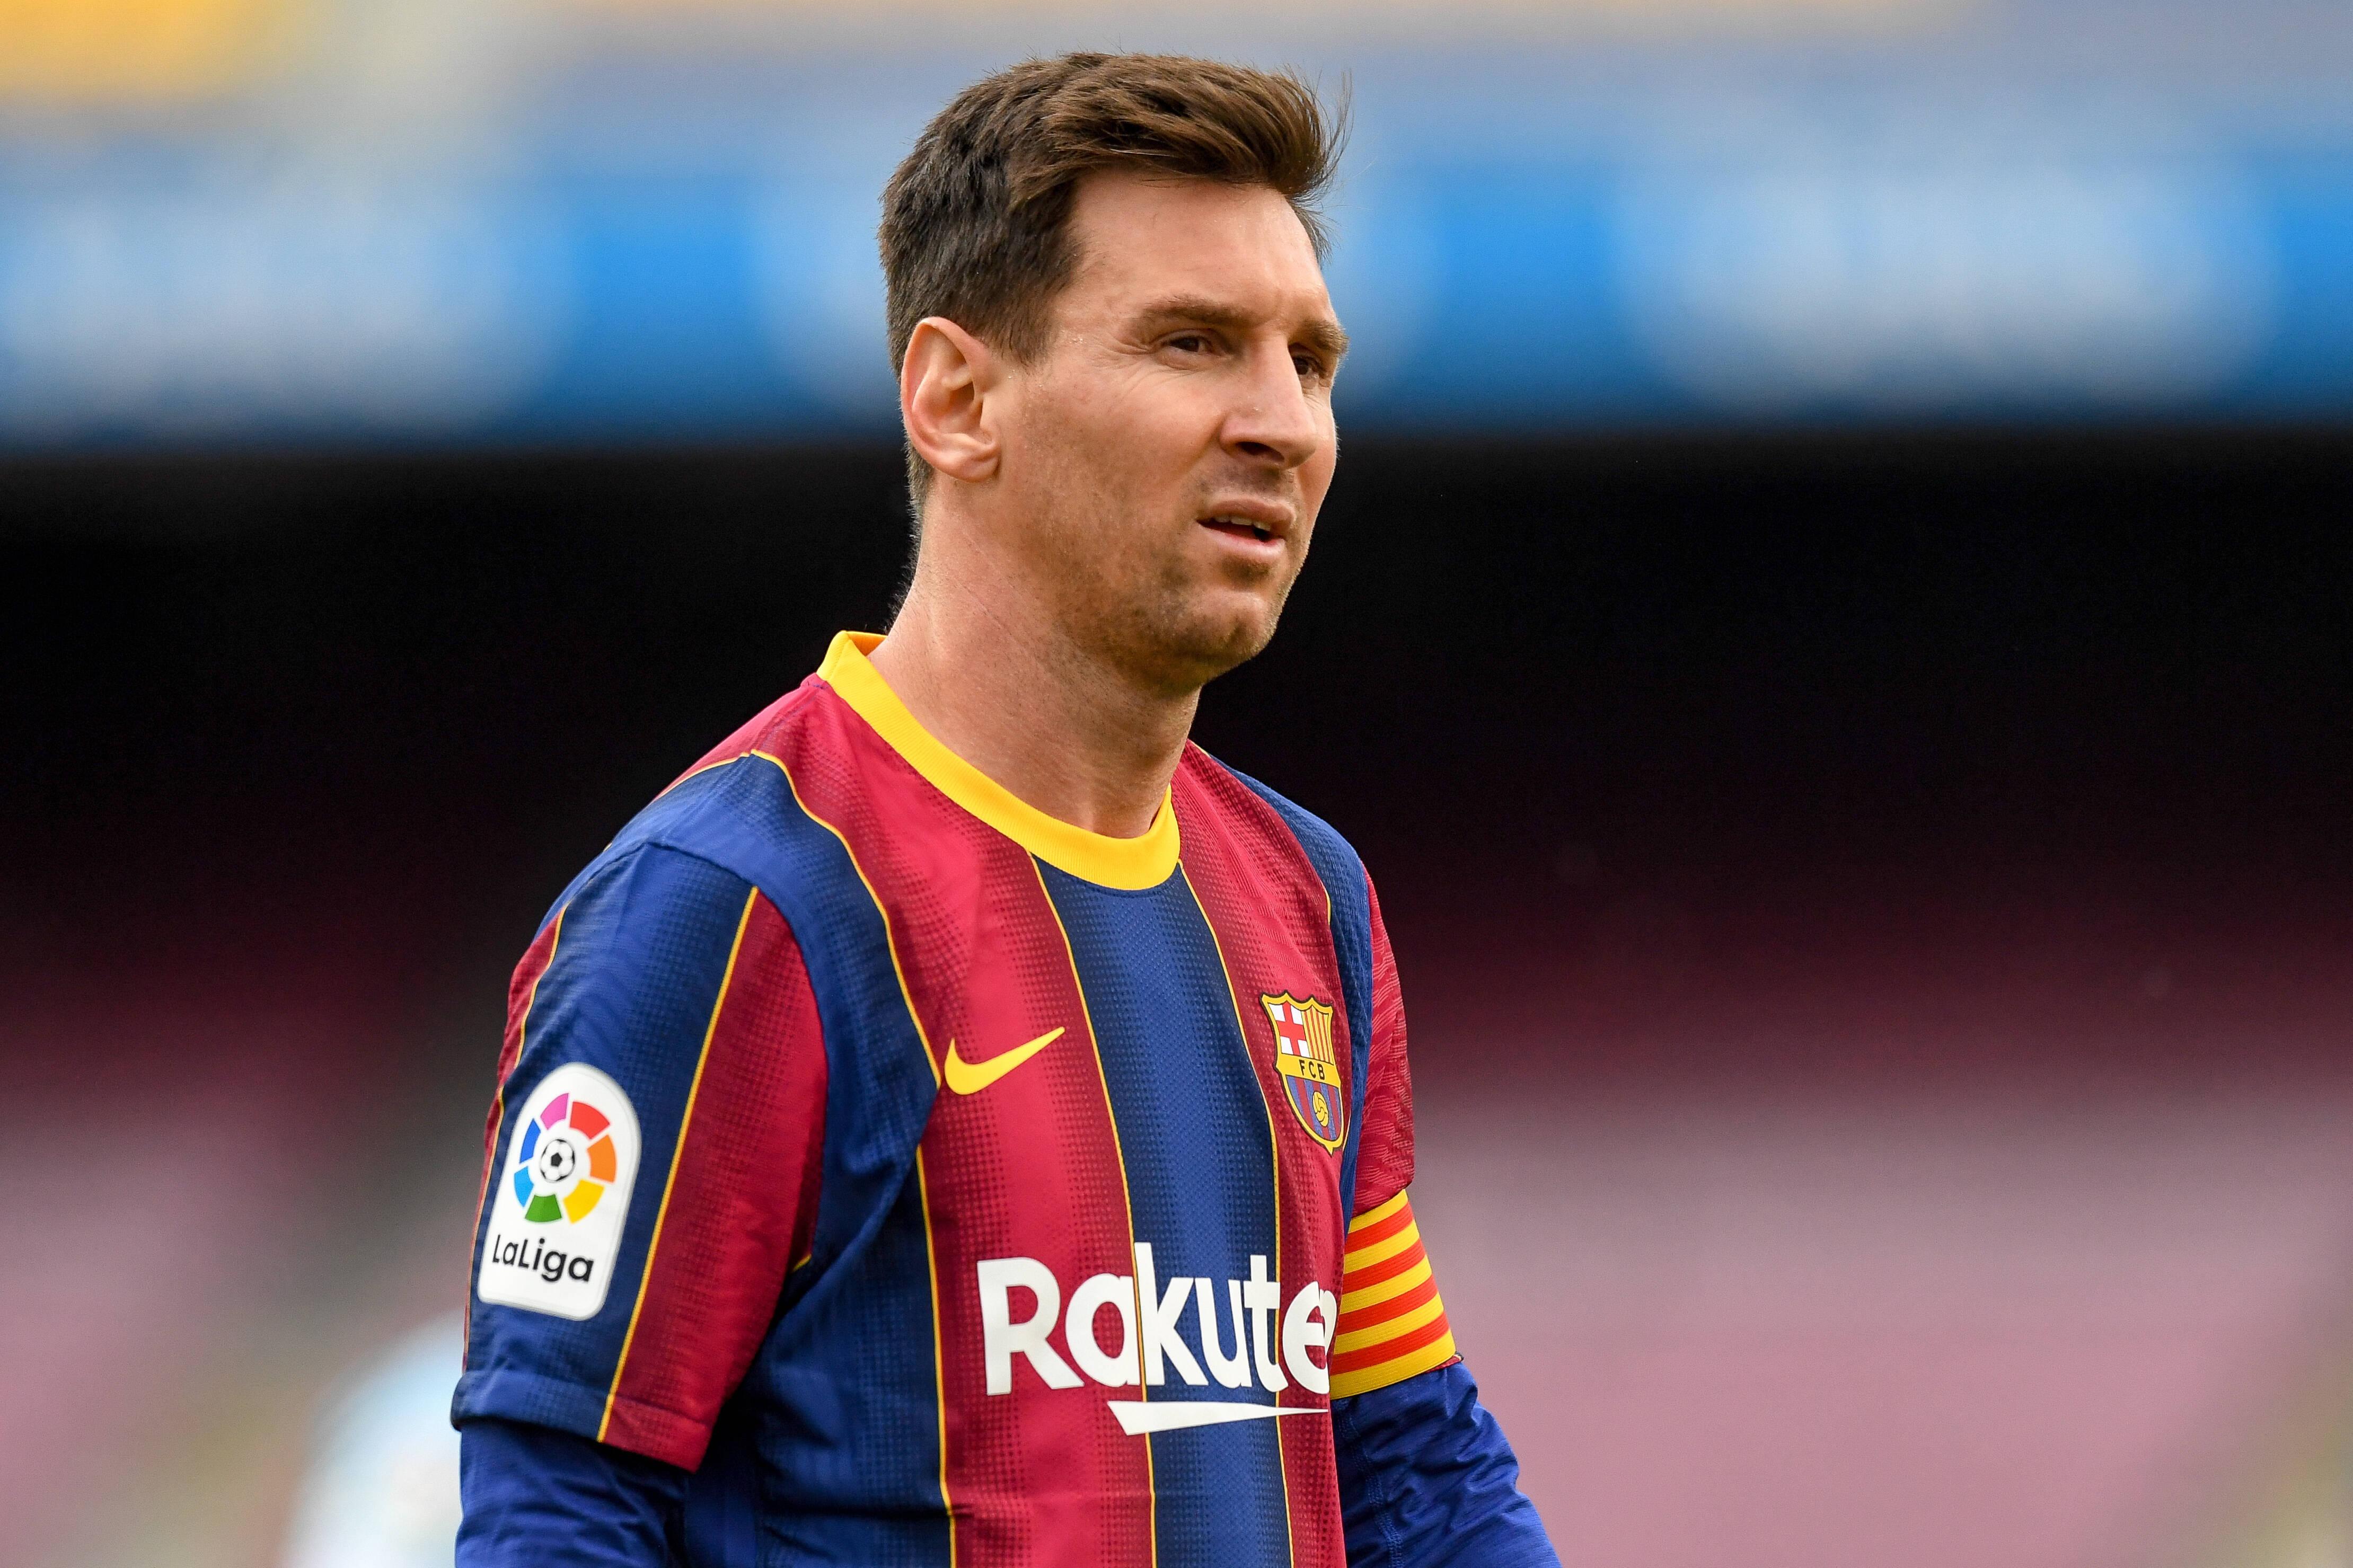 วิดีโอ: Herrera พูดถึง Messi ที่กำลังดำเนินอยู่ต่อข่าวลือ PSG